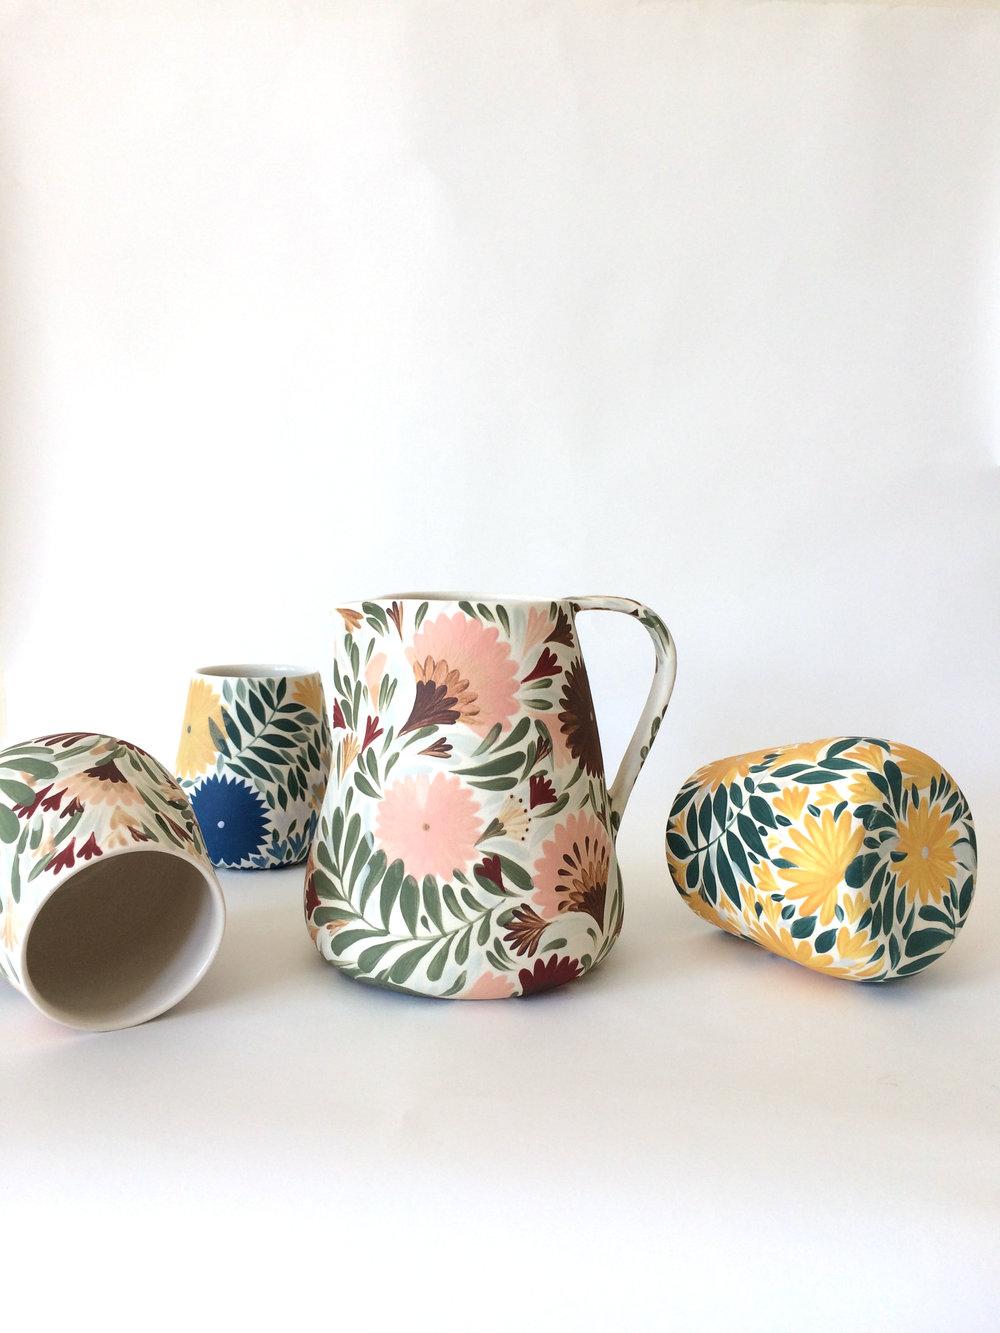 Botanical Ceramics - CERAMIC / MAY 2018